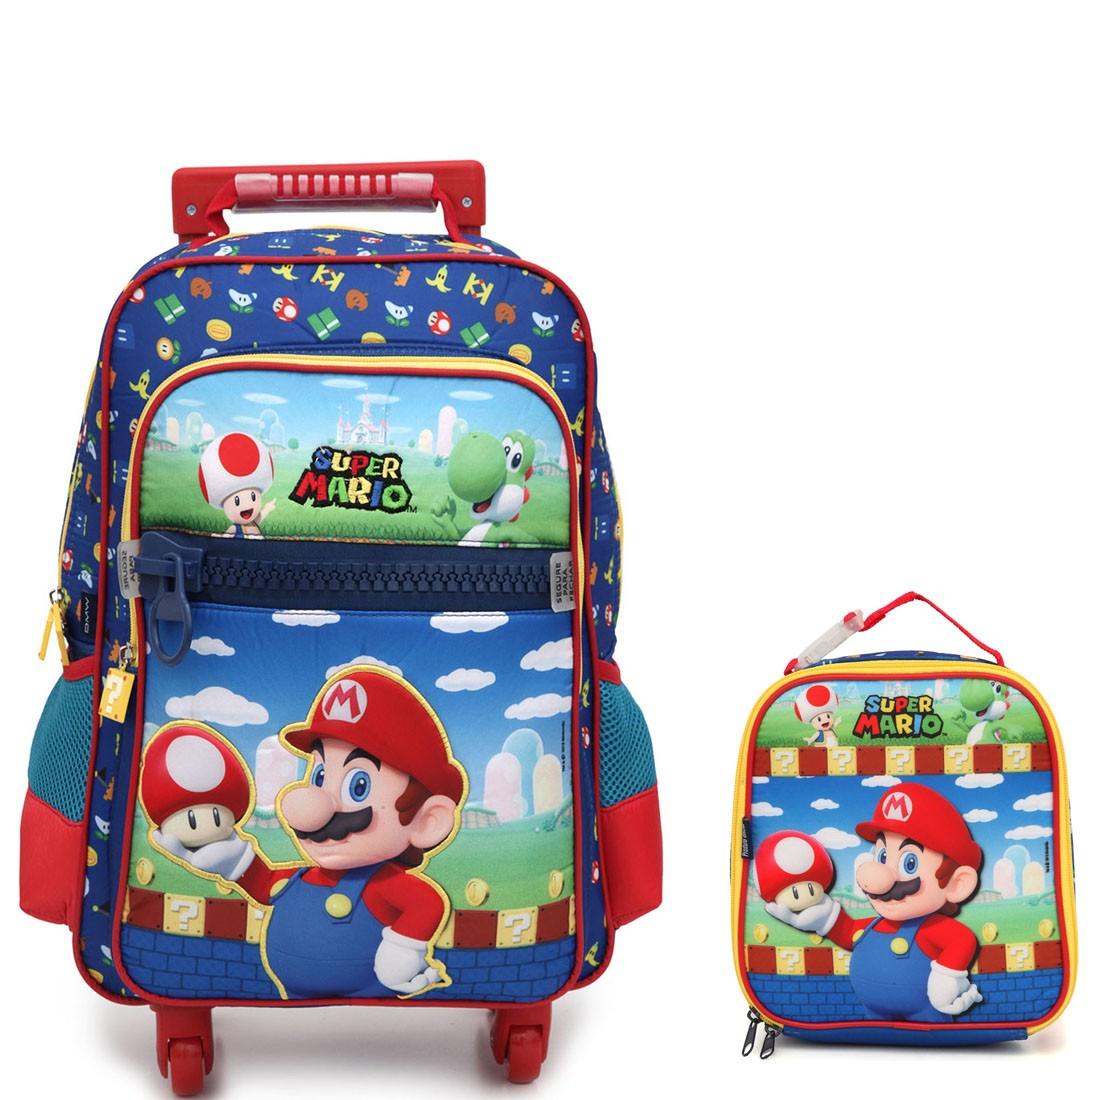 Kit Mochila Infantil com Rodinhas 360 graus Super Mario com Lancheira